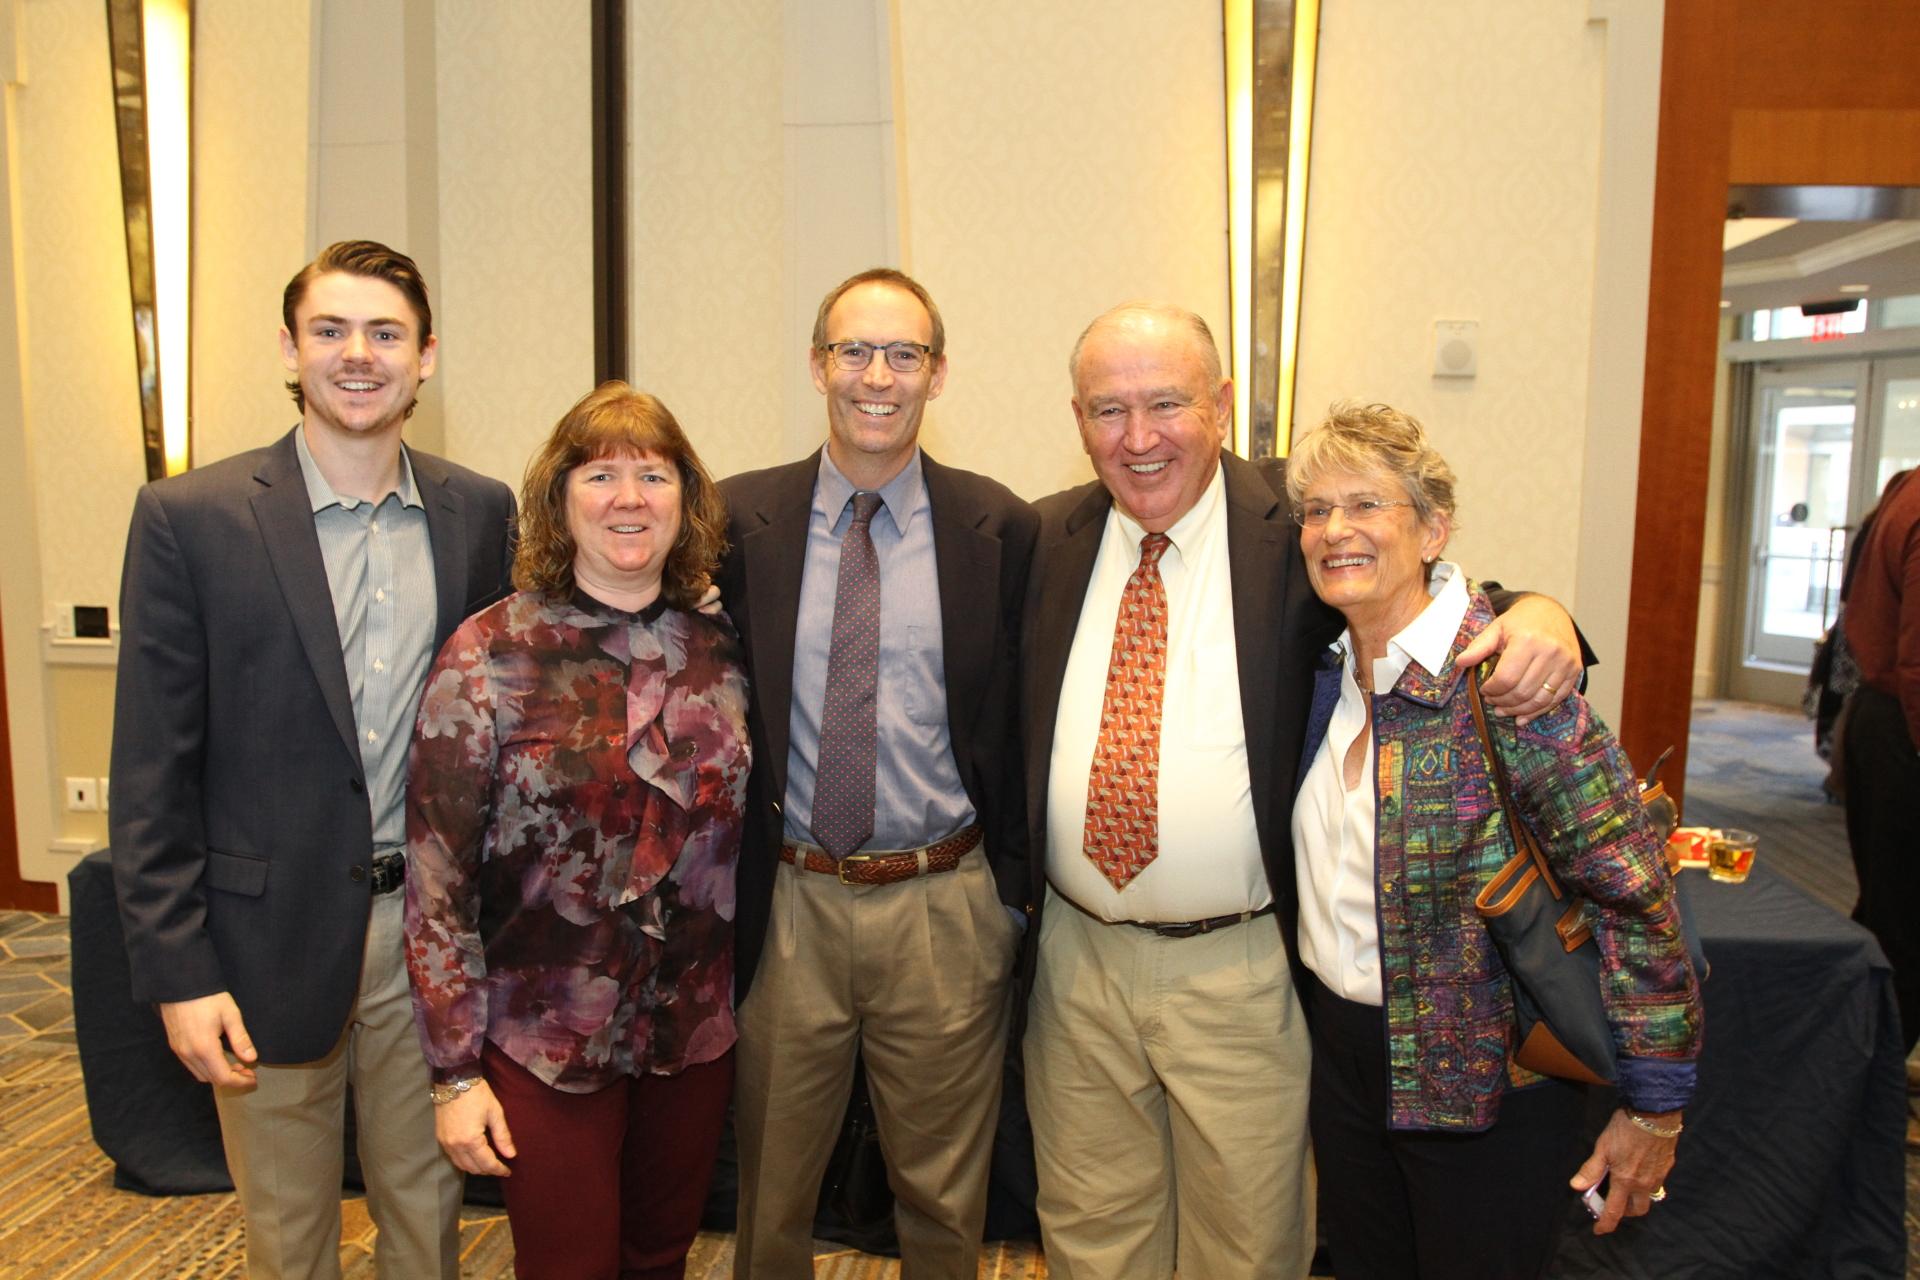 The Eschholz Family